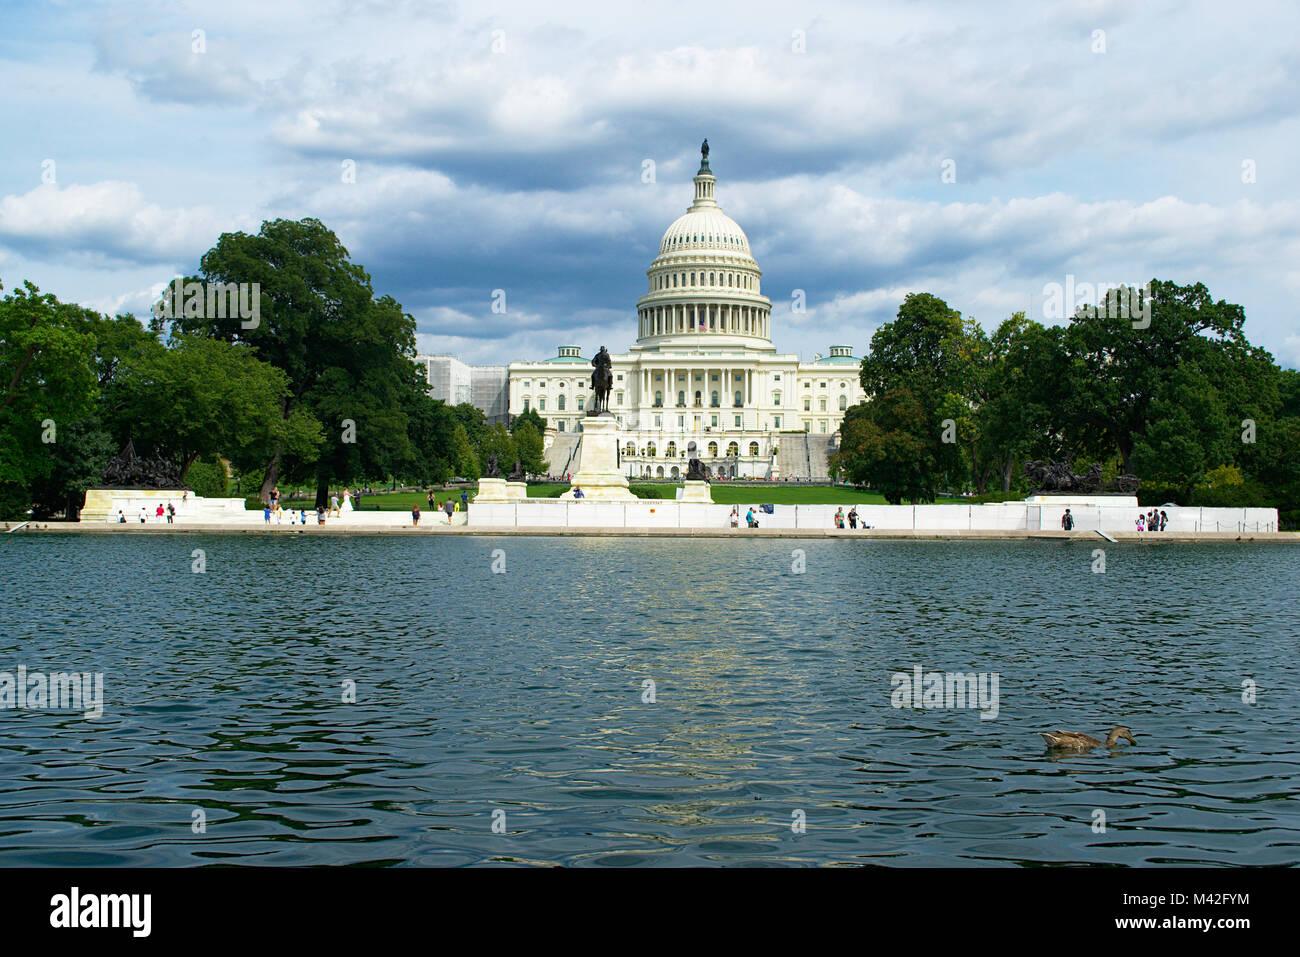 US-Hauptstadt auf der Westseite mit bewölktem Himmel Stockbild